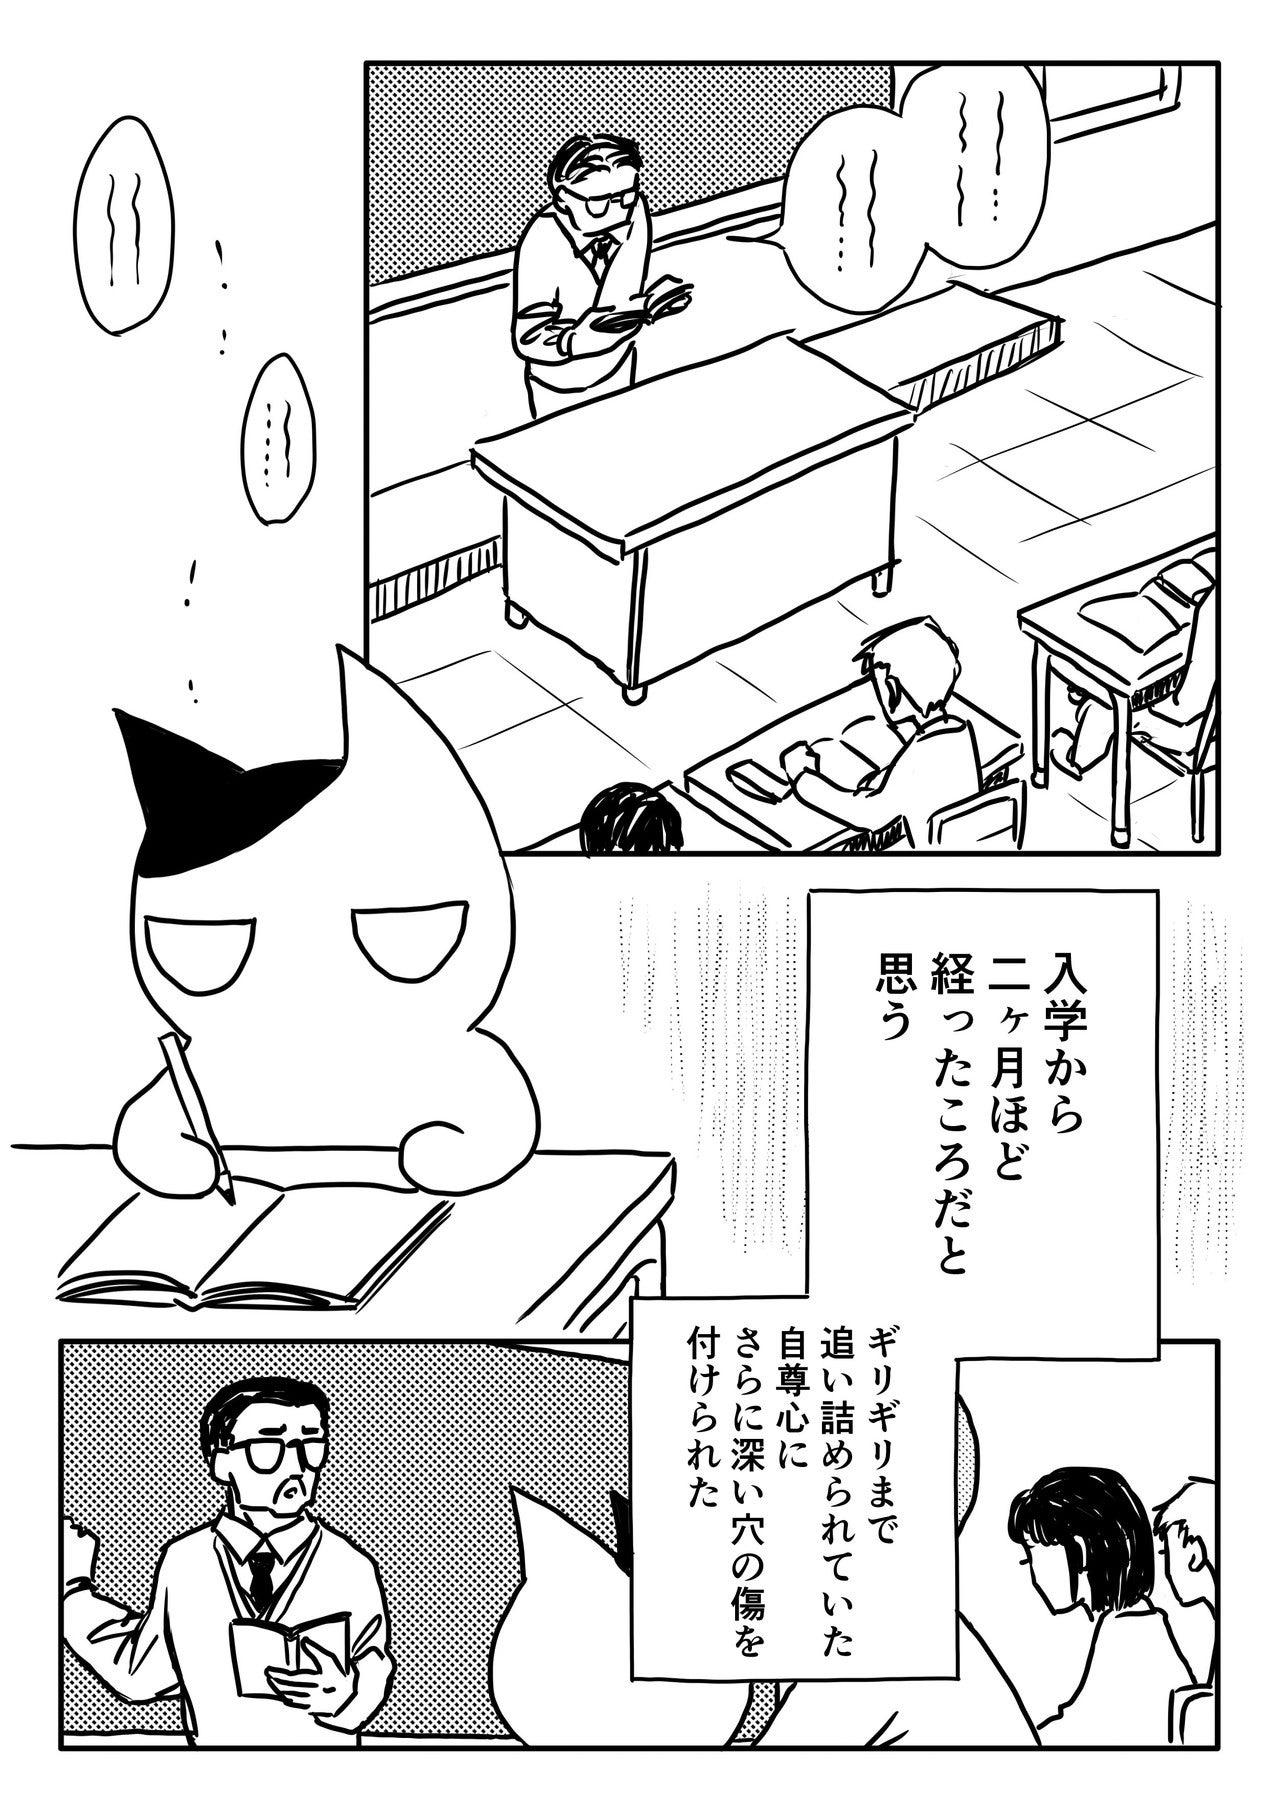 病気エッセイ_第6話1